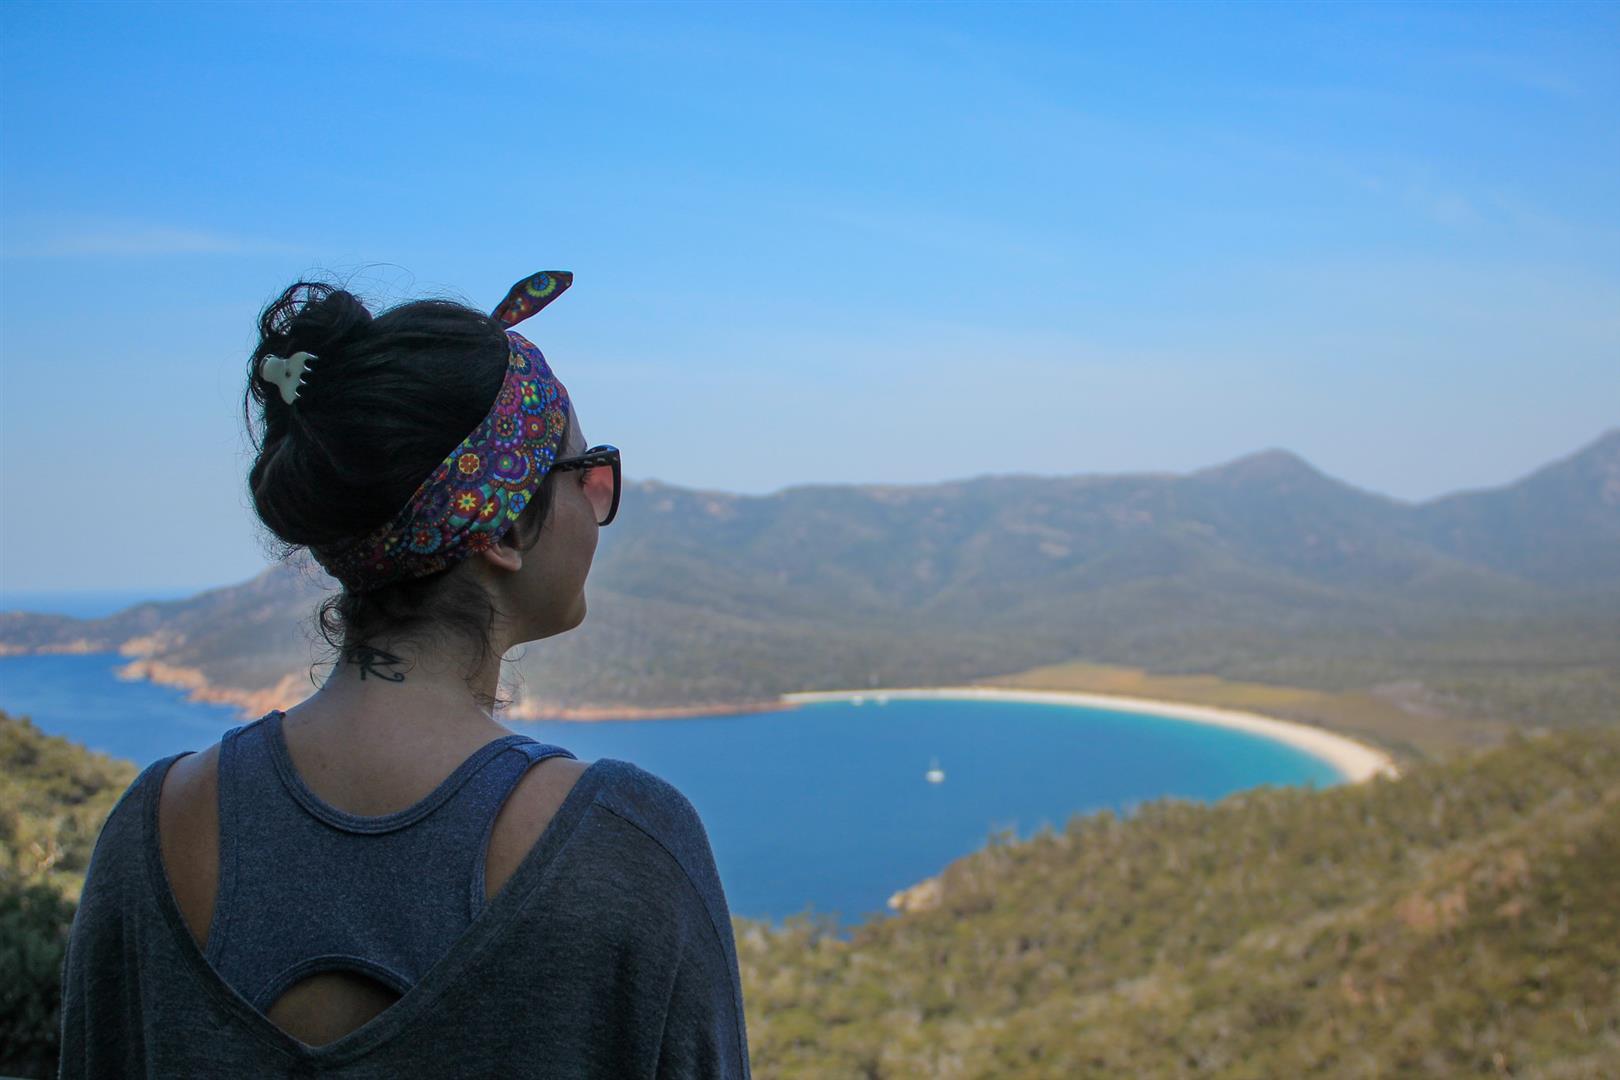 menina olhando para o mar do alto de uma montanha